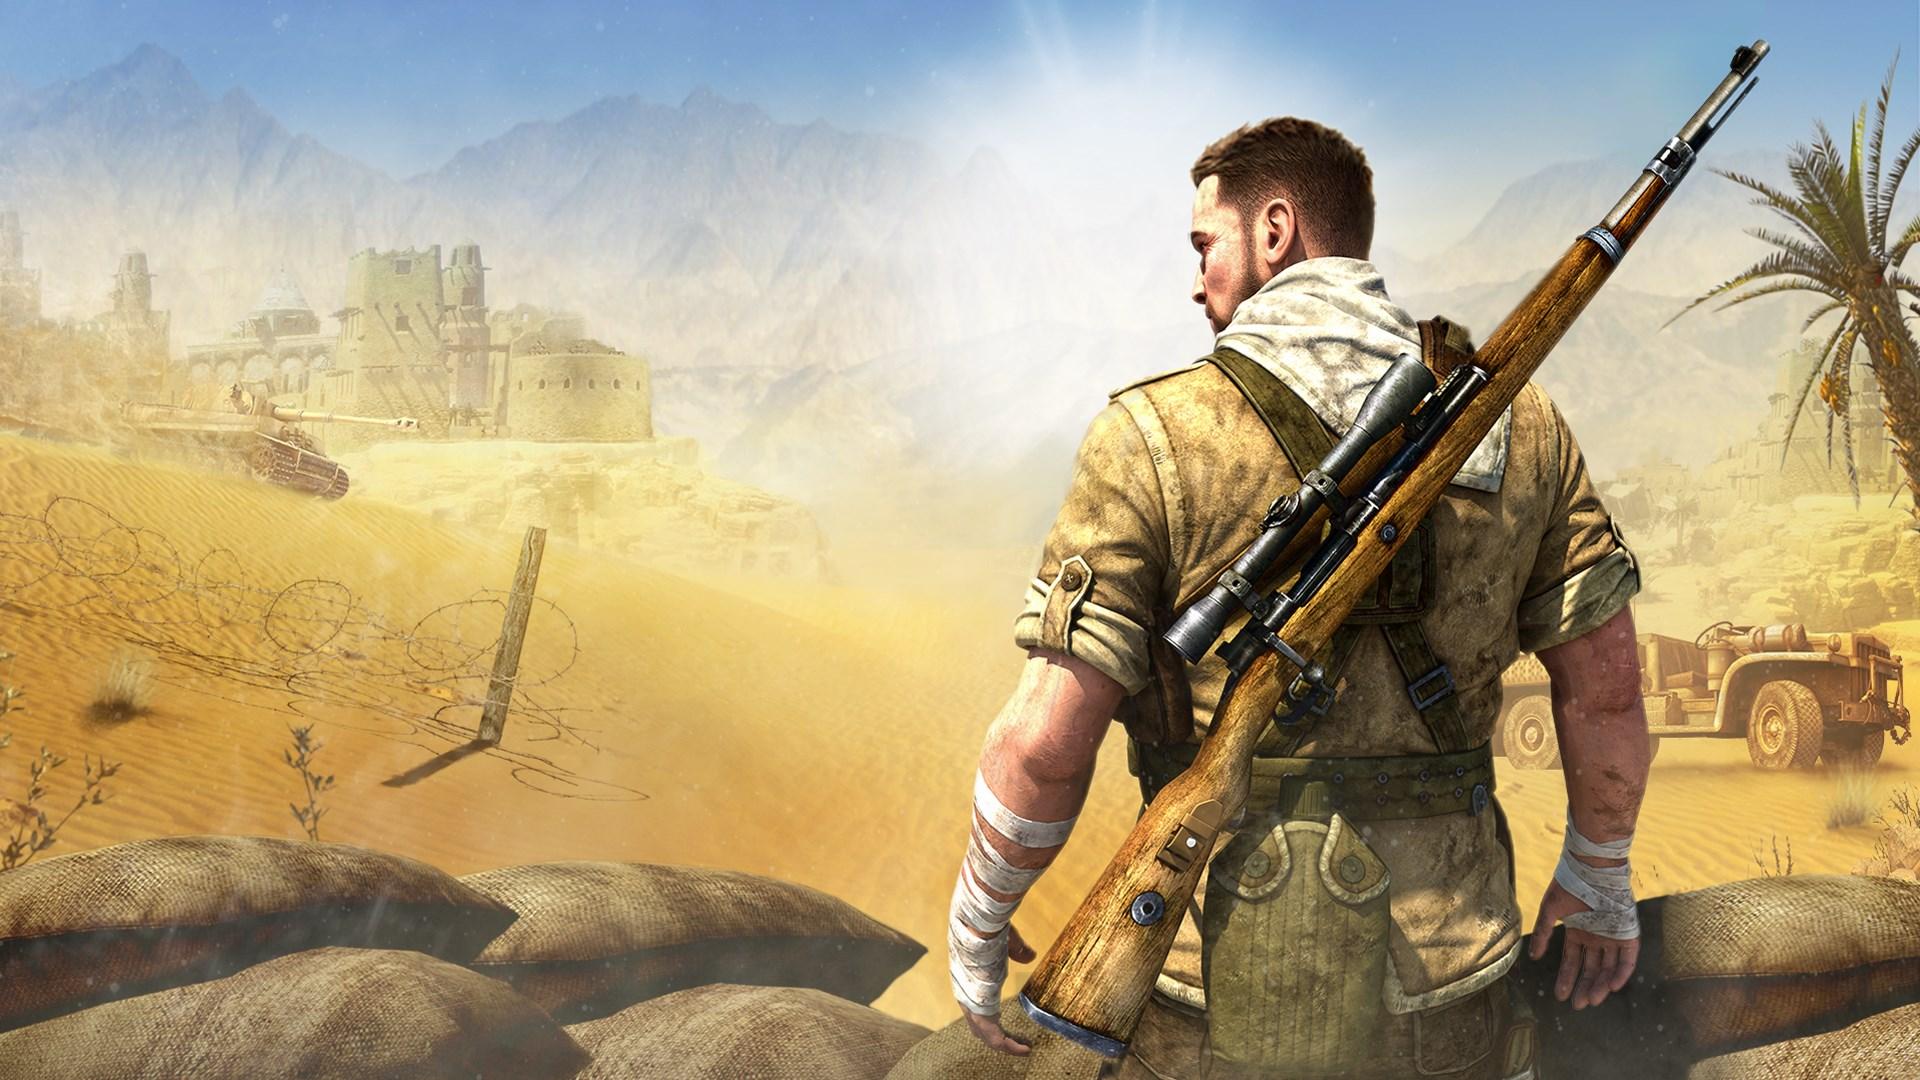 Buy Sniper Elite 3 - Microsoft Store